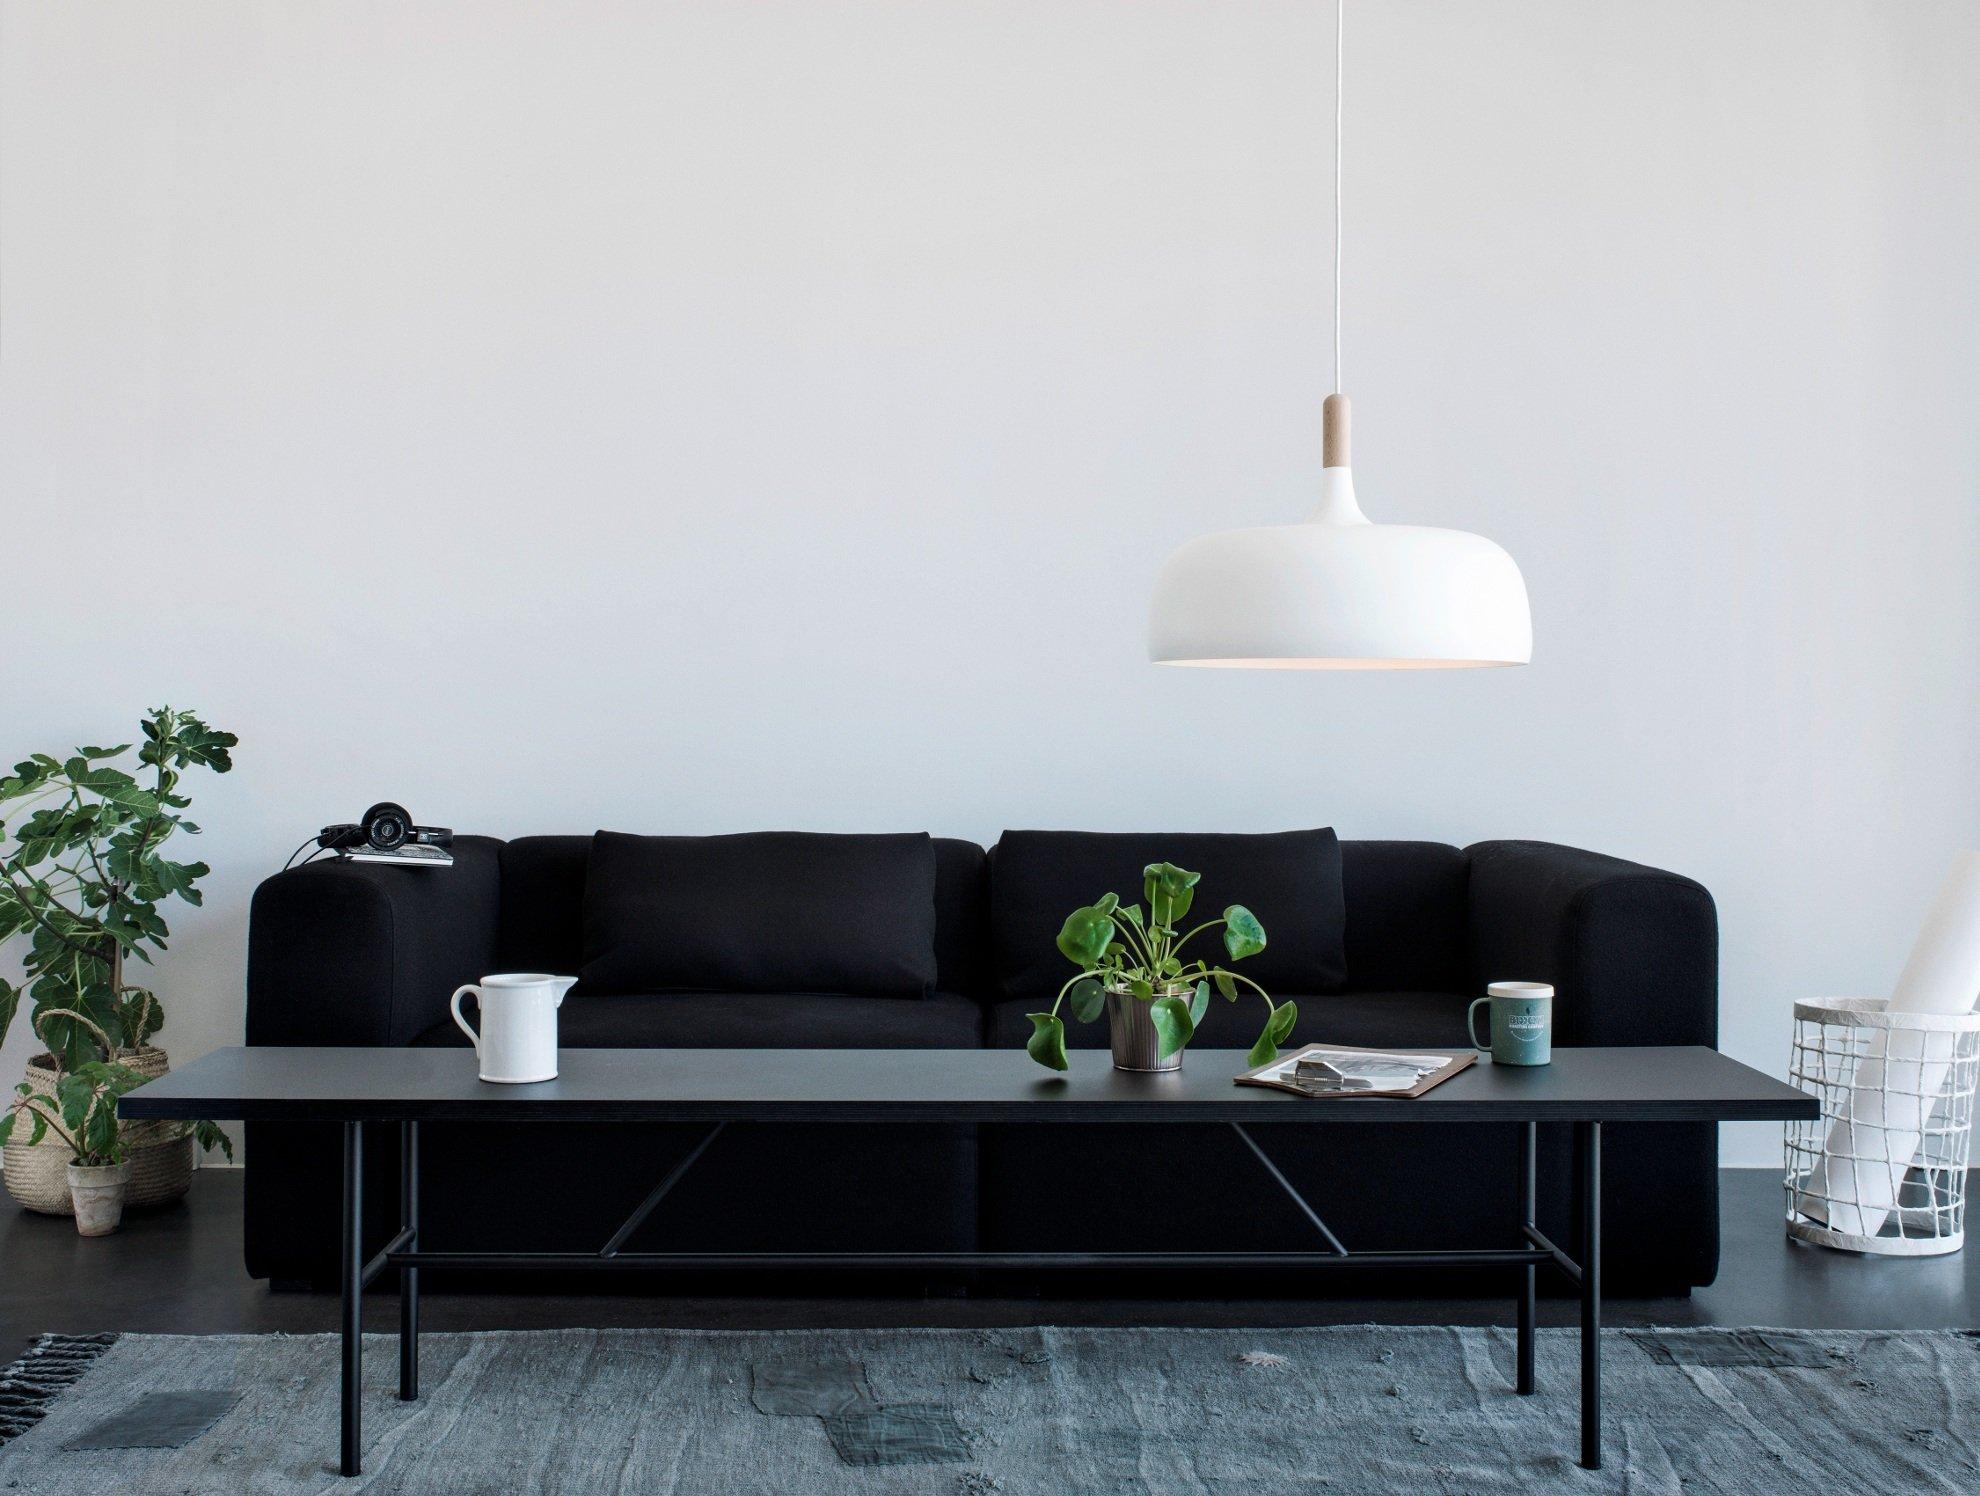 Inspirierend Bilder Fürs Wohnzimmer Beste Wahl Die Deckenbeleuchtung Im Ist Jedoch Nicht Alles.